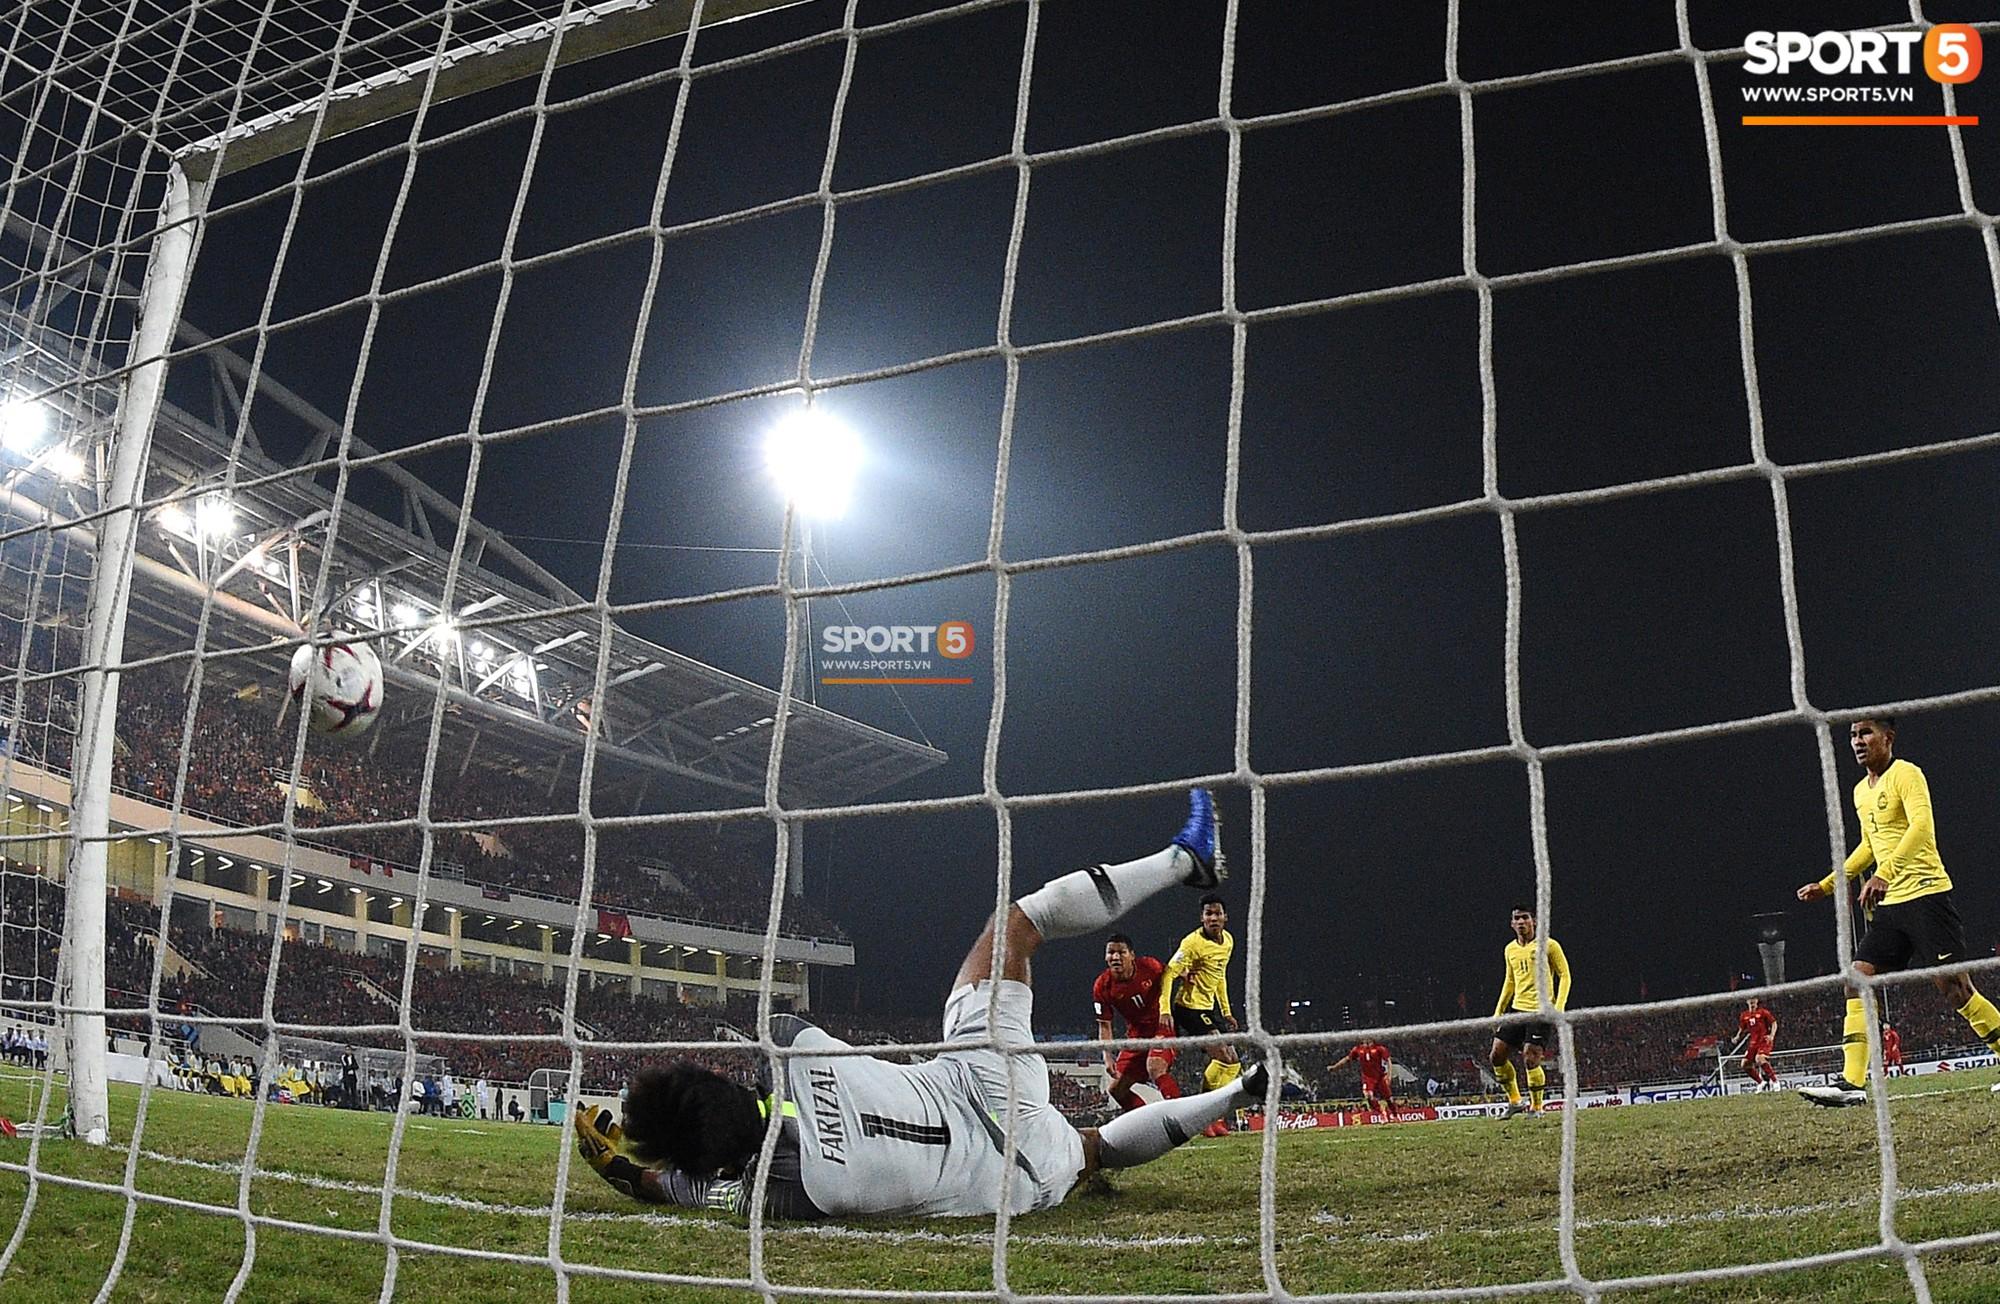 Góc ảnh độc đáo: Khoảnh khắc Anh Đức vô-lê tung lưới Malaysia nhìn từ phía sau cầu môn - Ảnh 5.